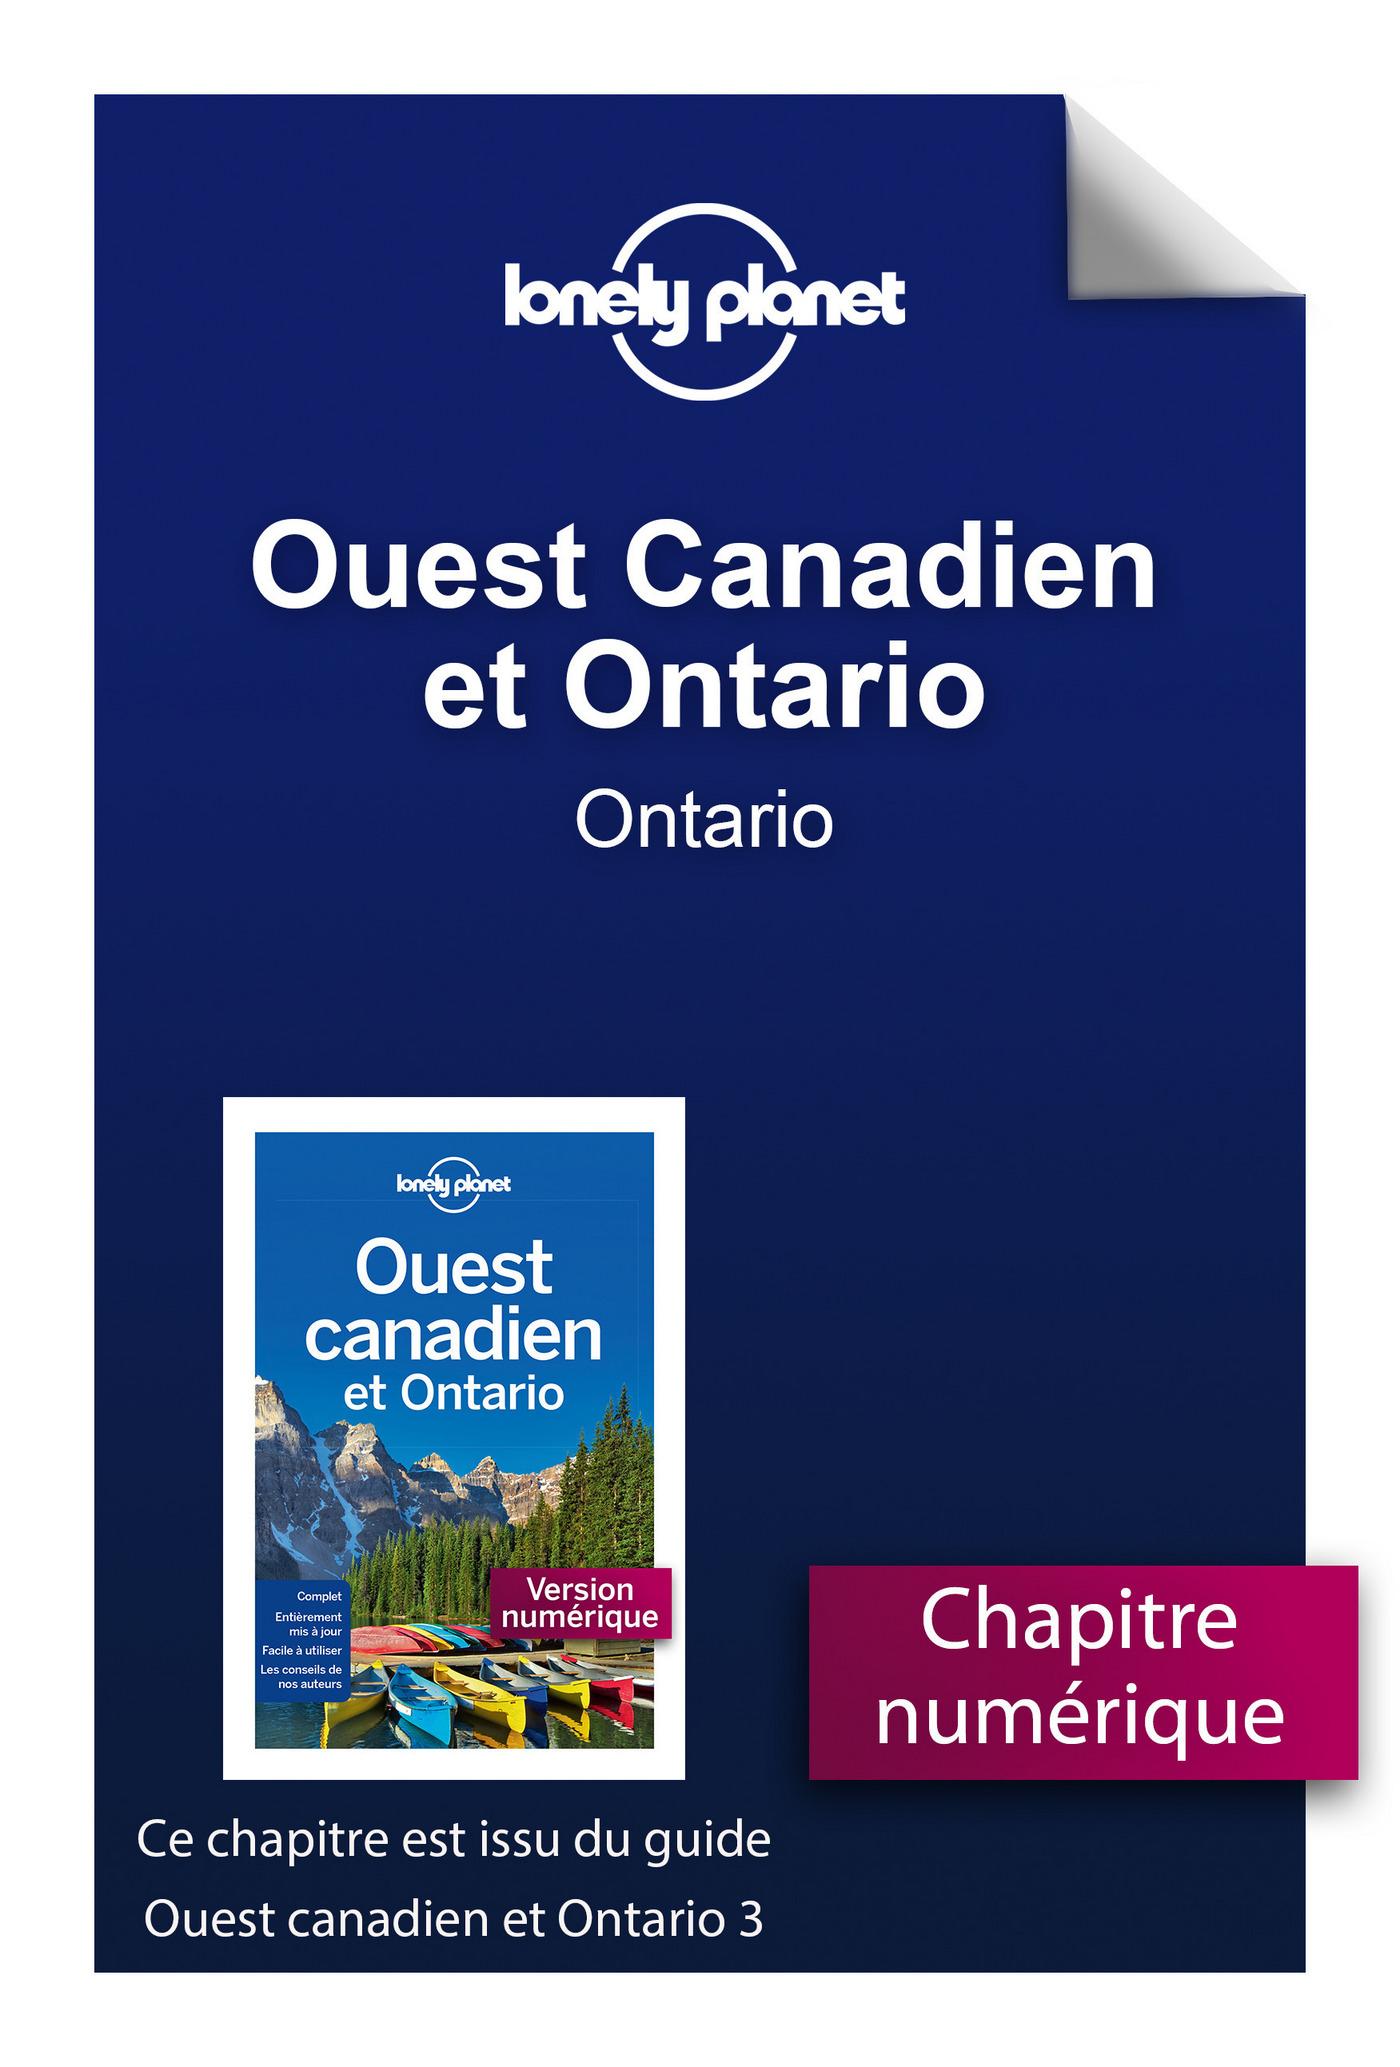 Ouest Canadien et Ontario 3 - Ontario